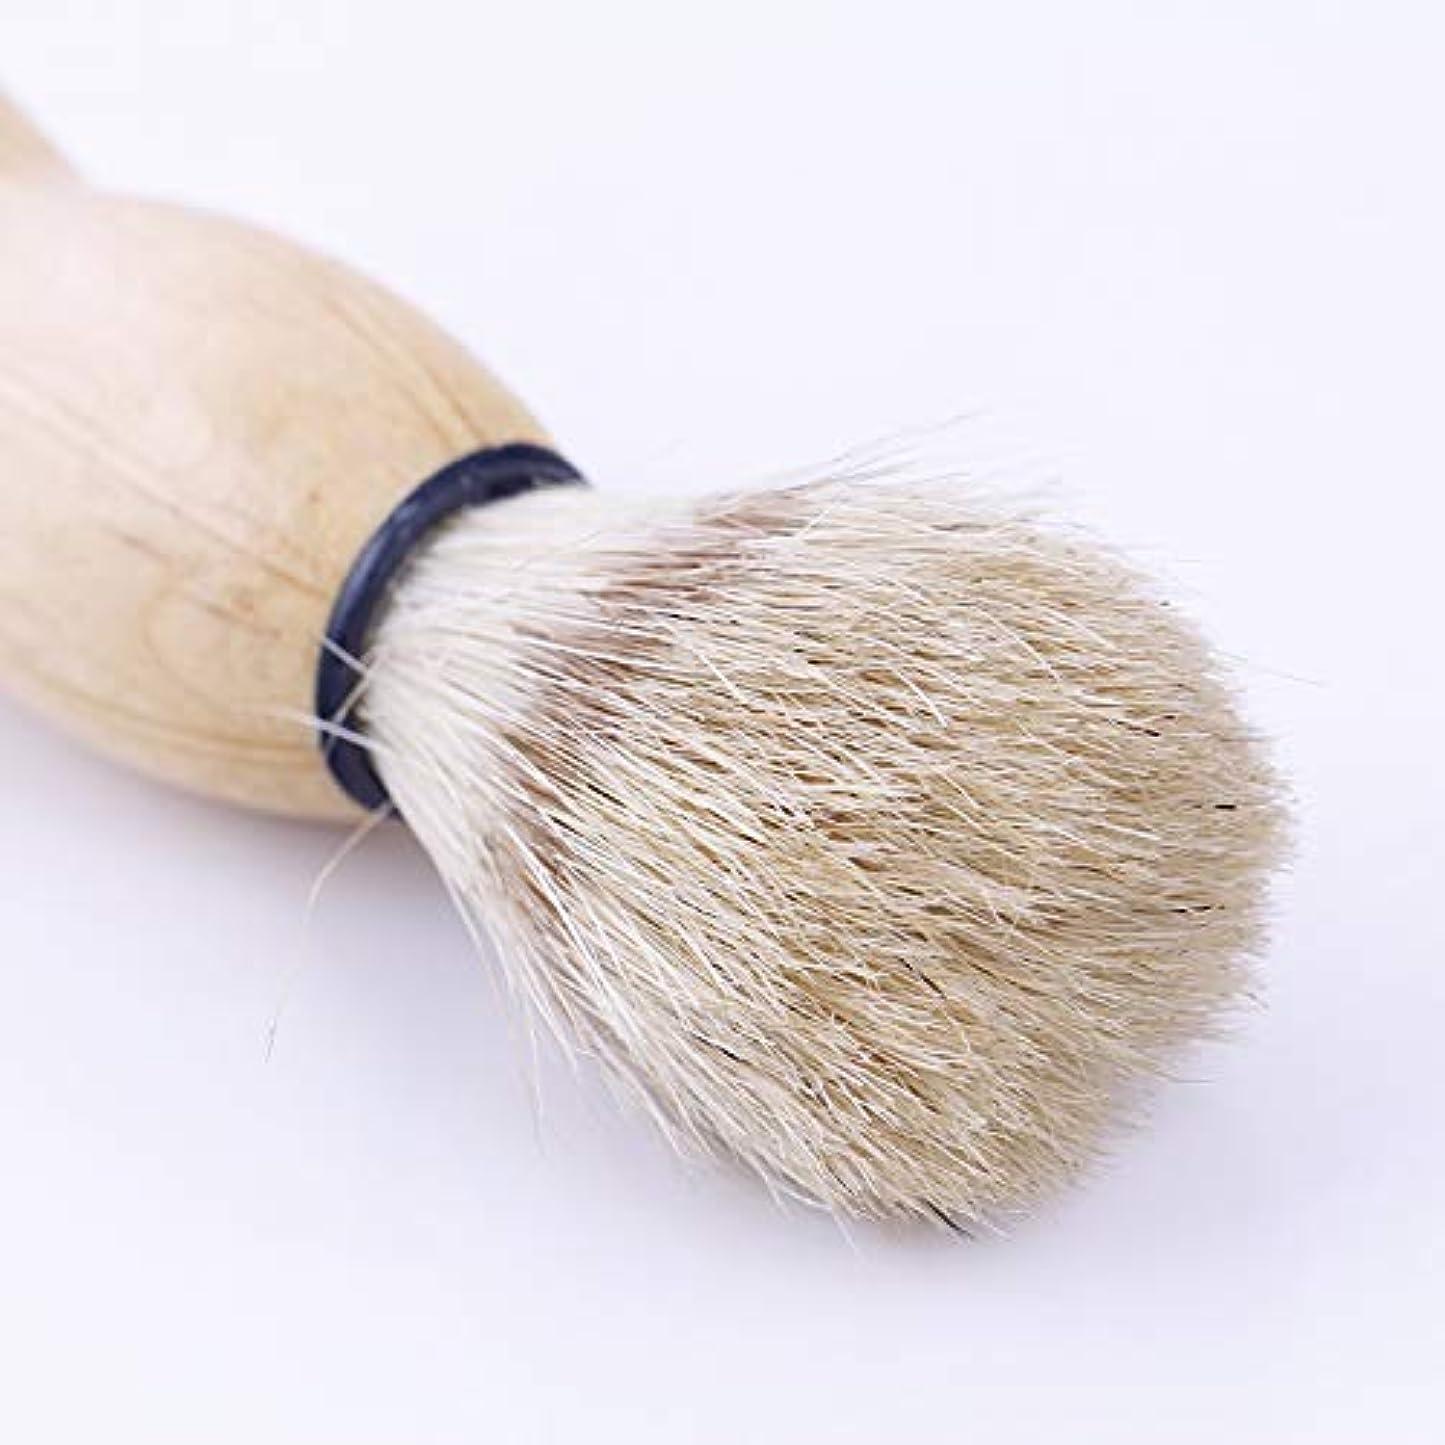 狭い逃す苗SMTHOME シェービング用ブラシ メンズ 100% ウール毛 理容 洗顔 髭剃り 泡立ち